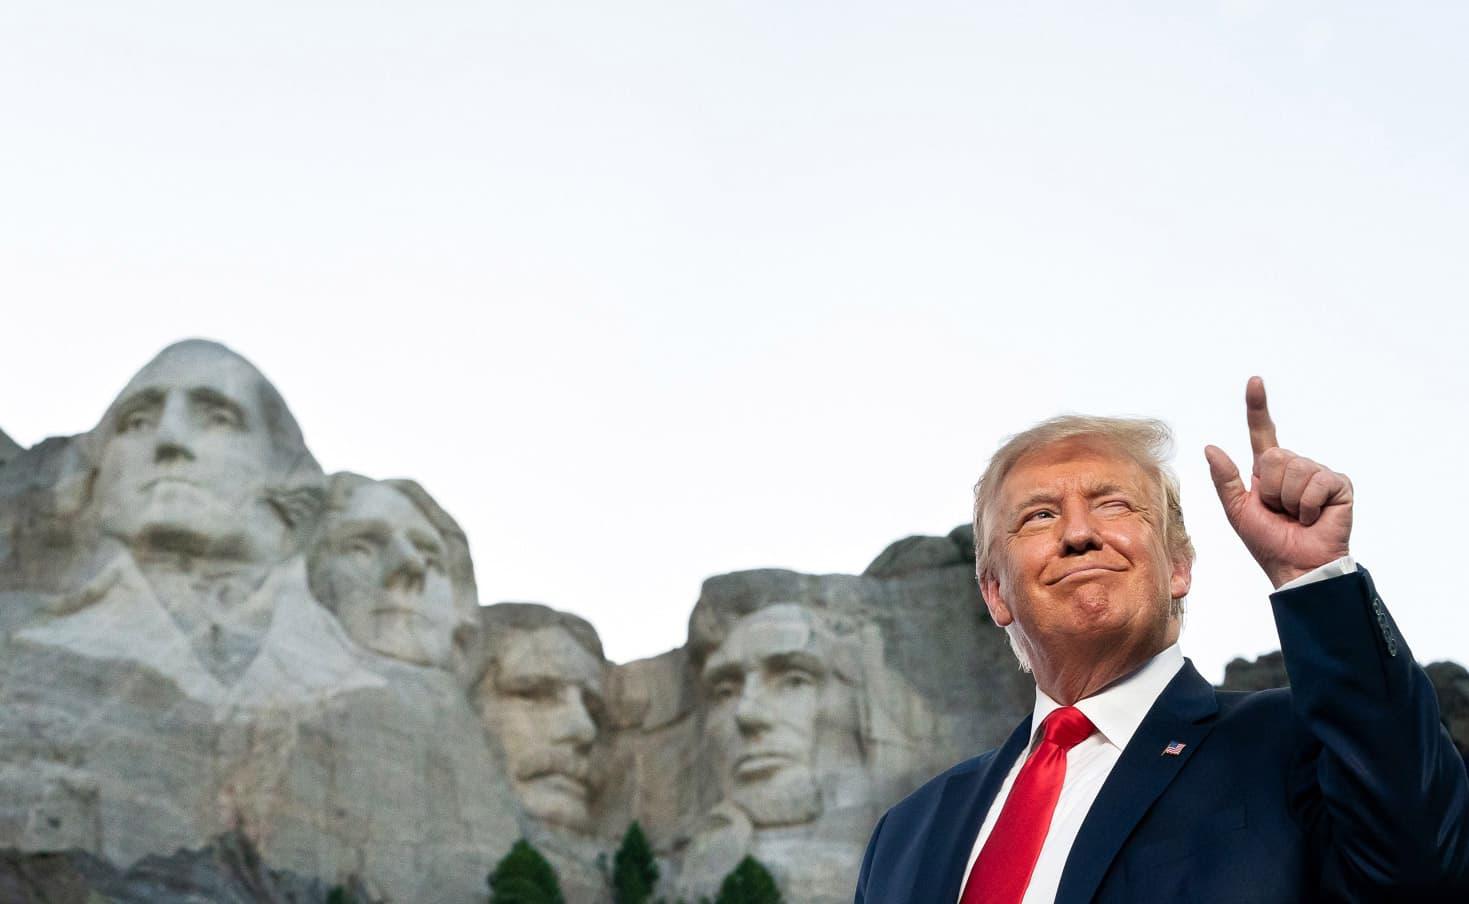 El president Trump al Mount Rushmore el passat 3 de juliol. Fotografia d'Andreas Hanks. White House. Zuma Wire